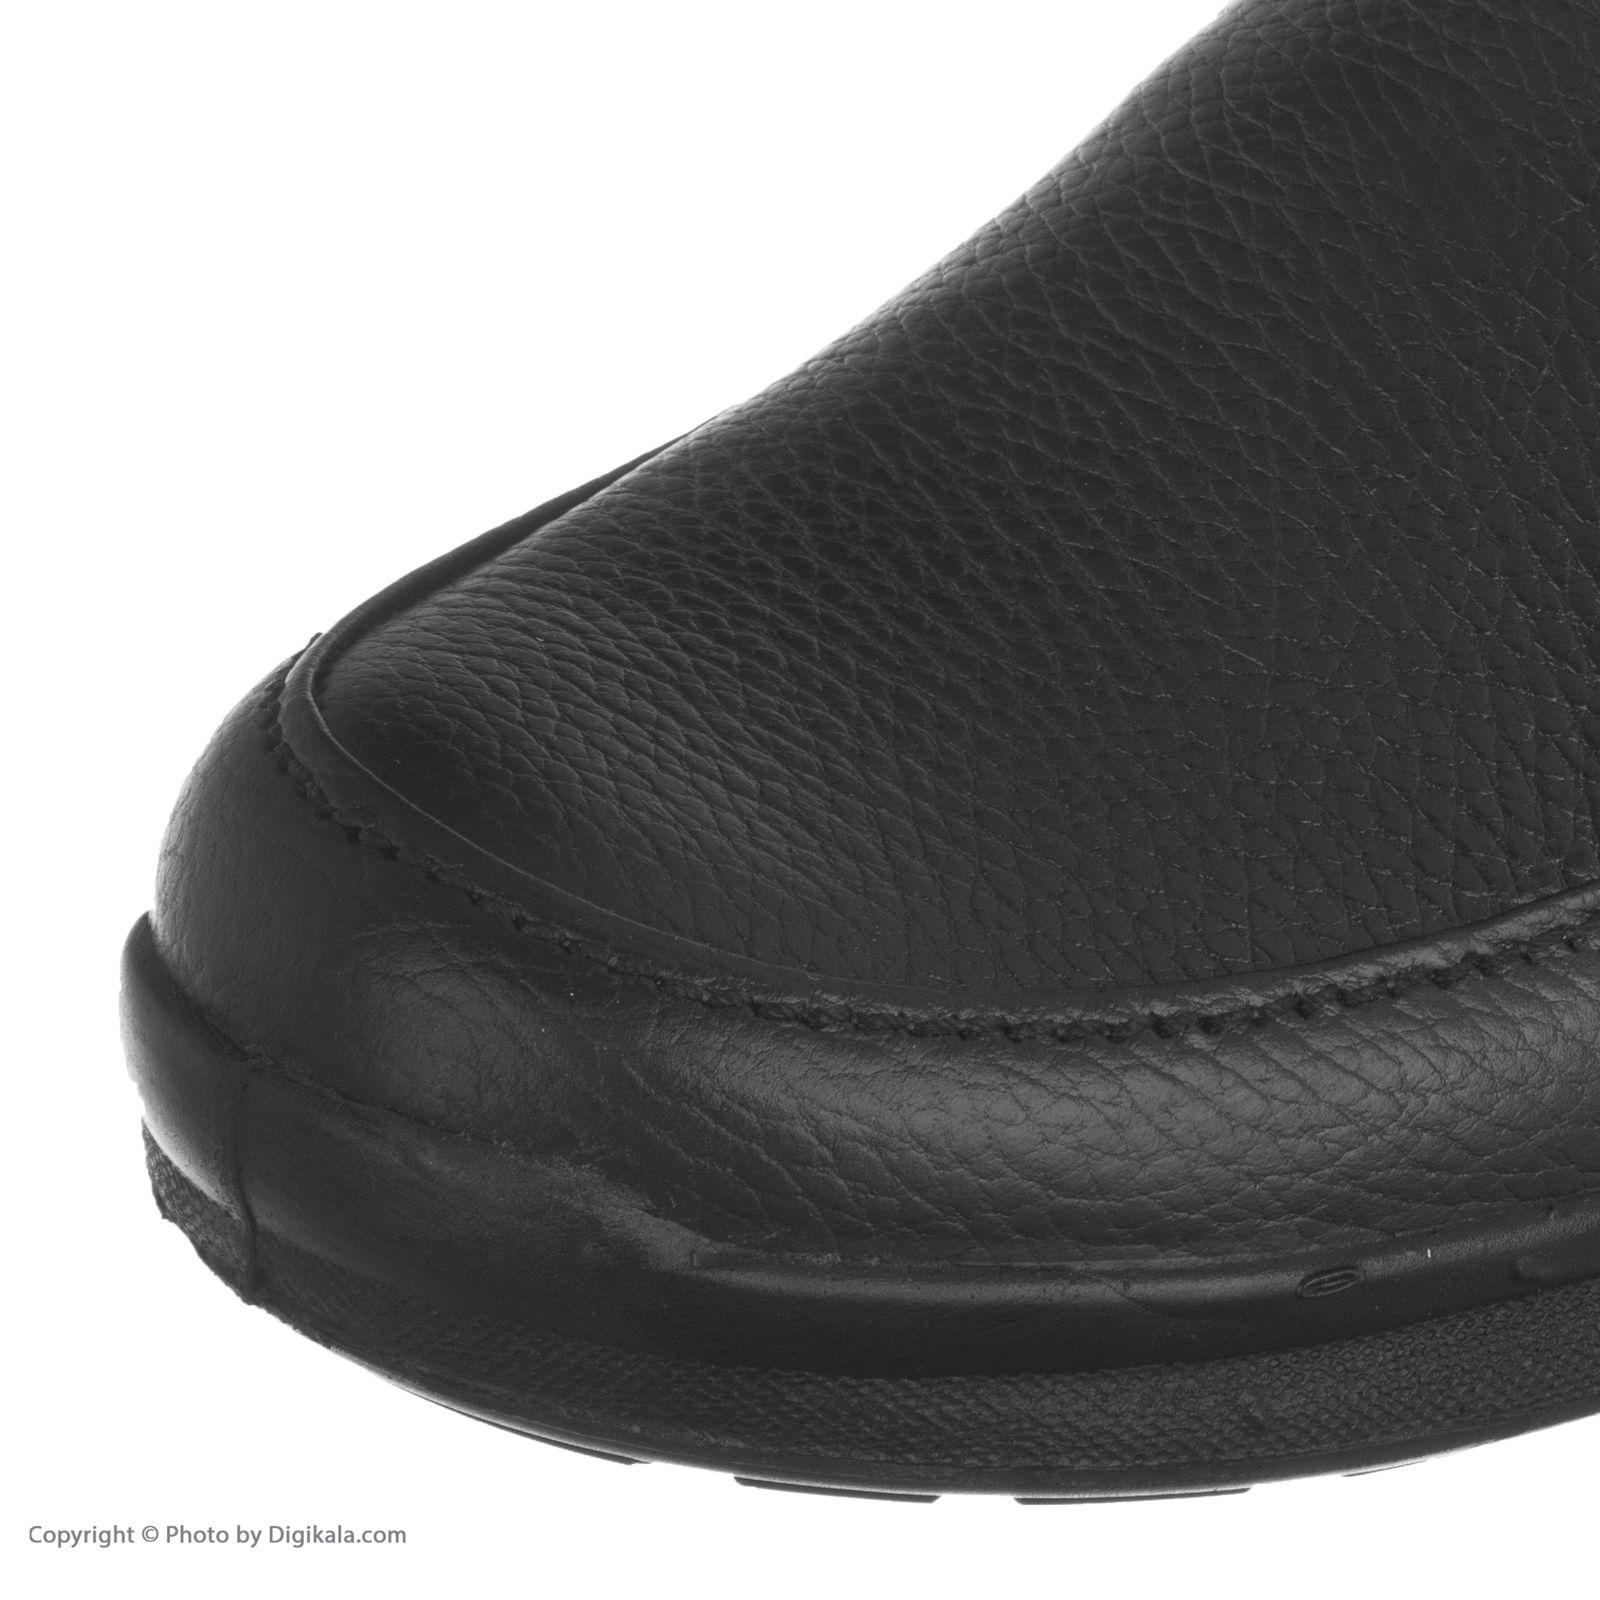 کفش روزمره مردانه آذر پلاس مدل 4401A503101 -  - 8